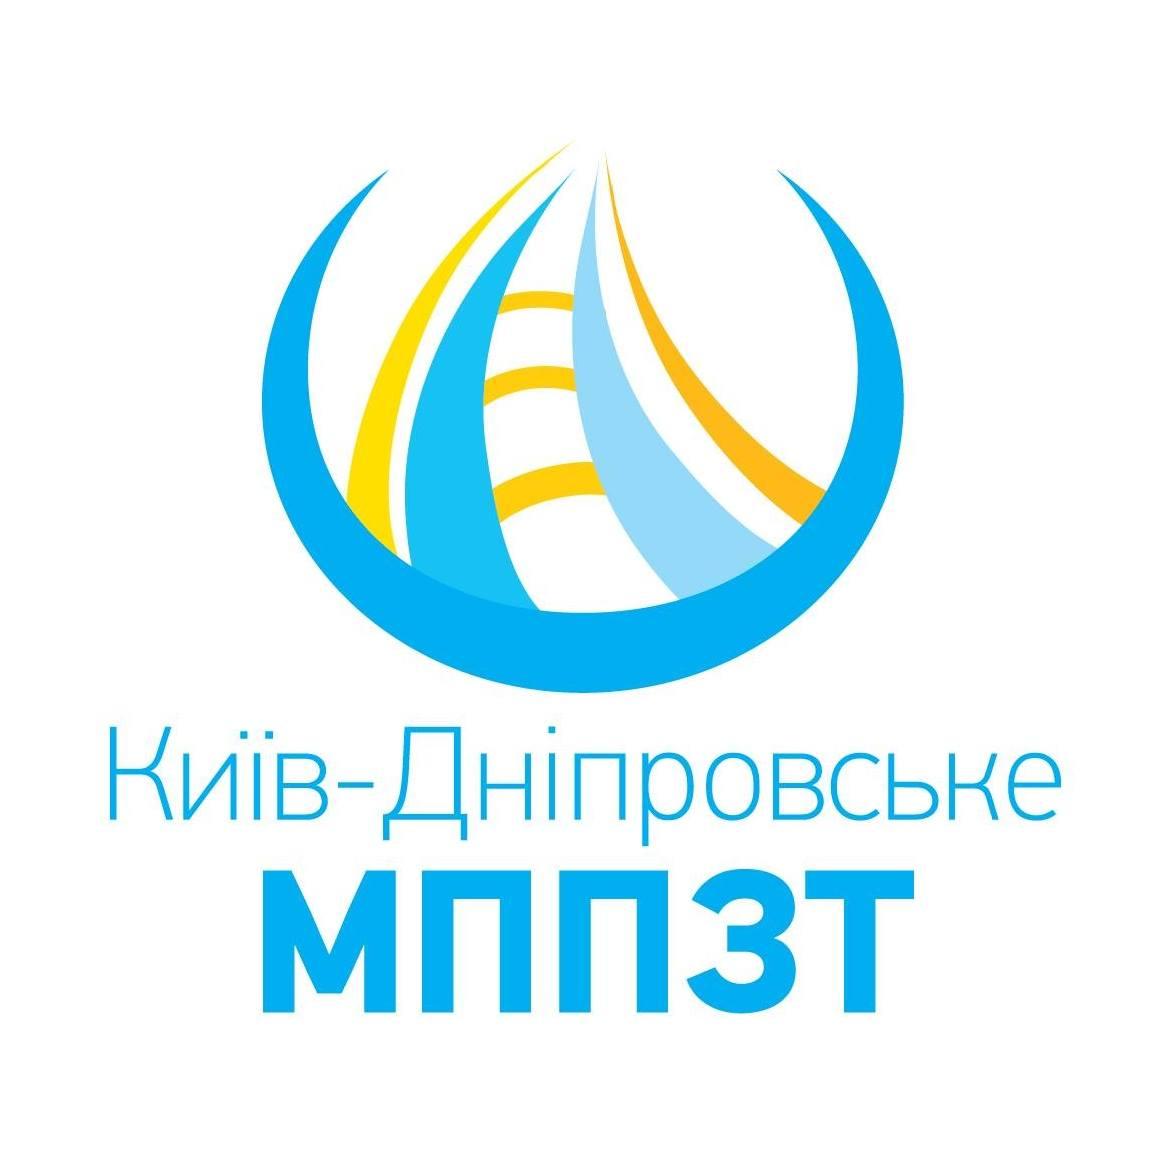 АМКУ зобов'язав ПрАТ «Київ-Дніпровське МППЗТ» припинити порушення |  Антимонопольний комітет України